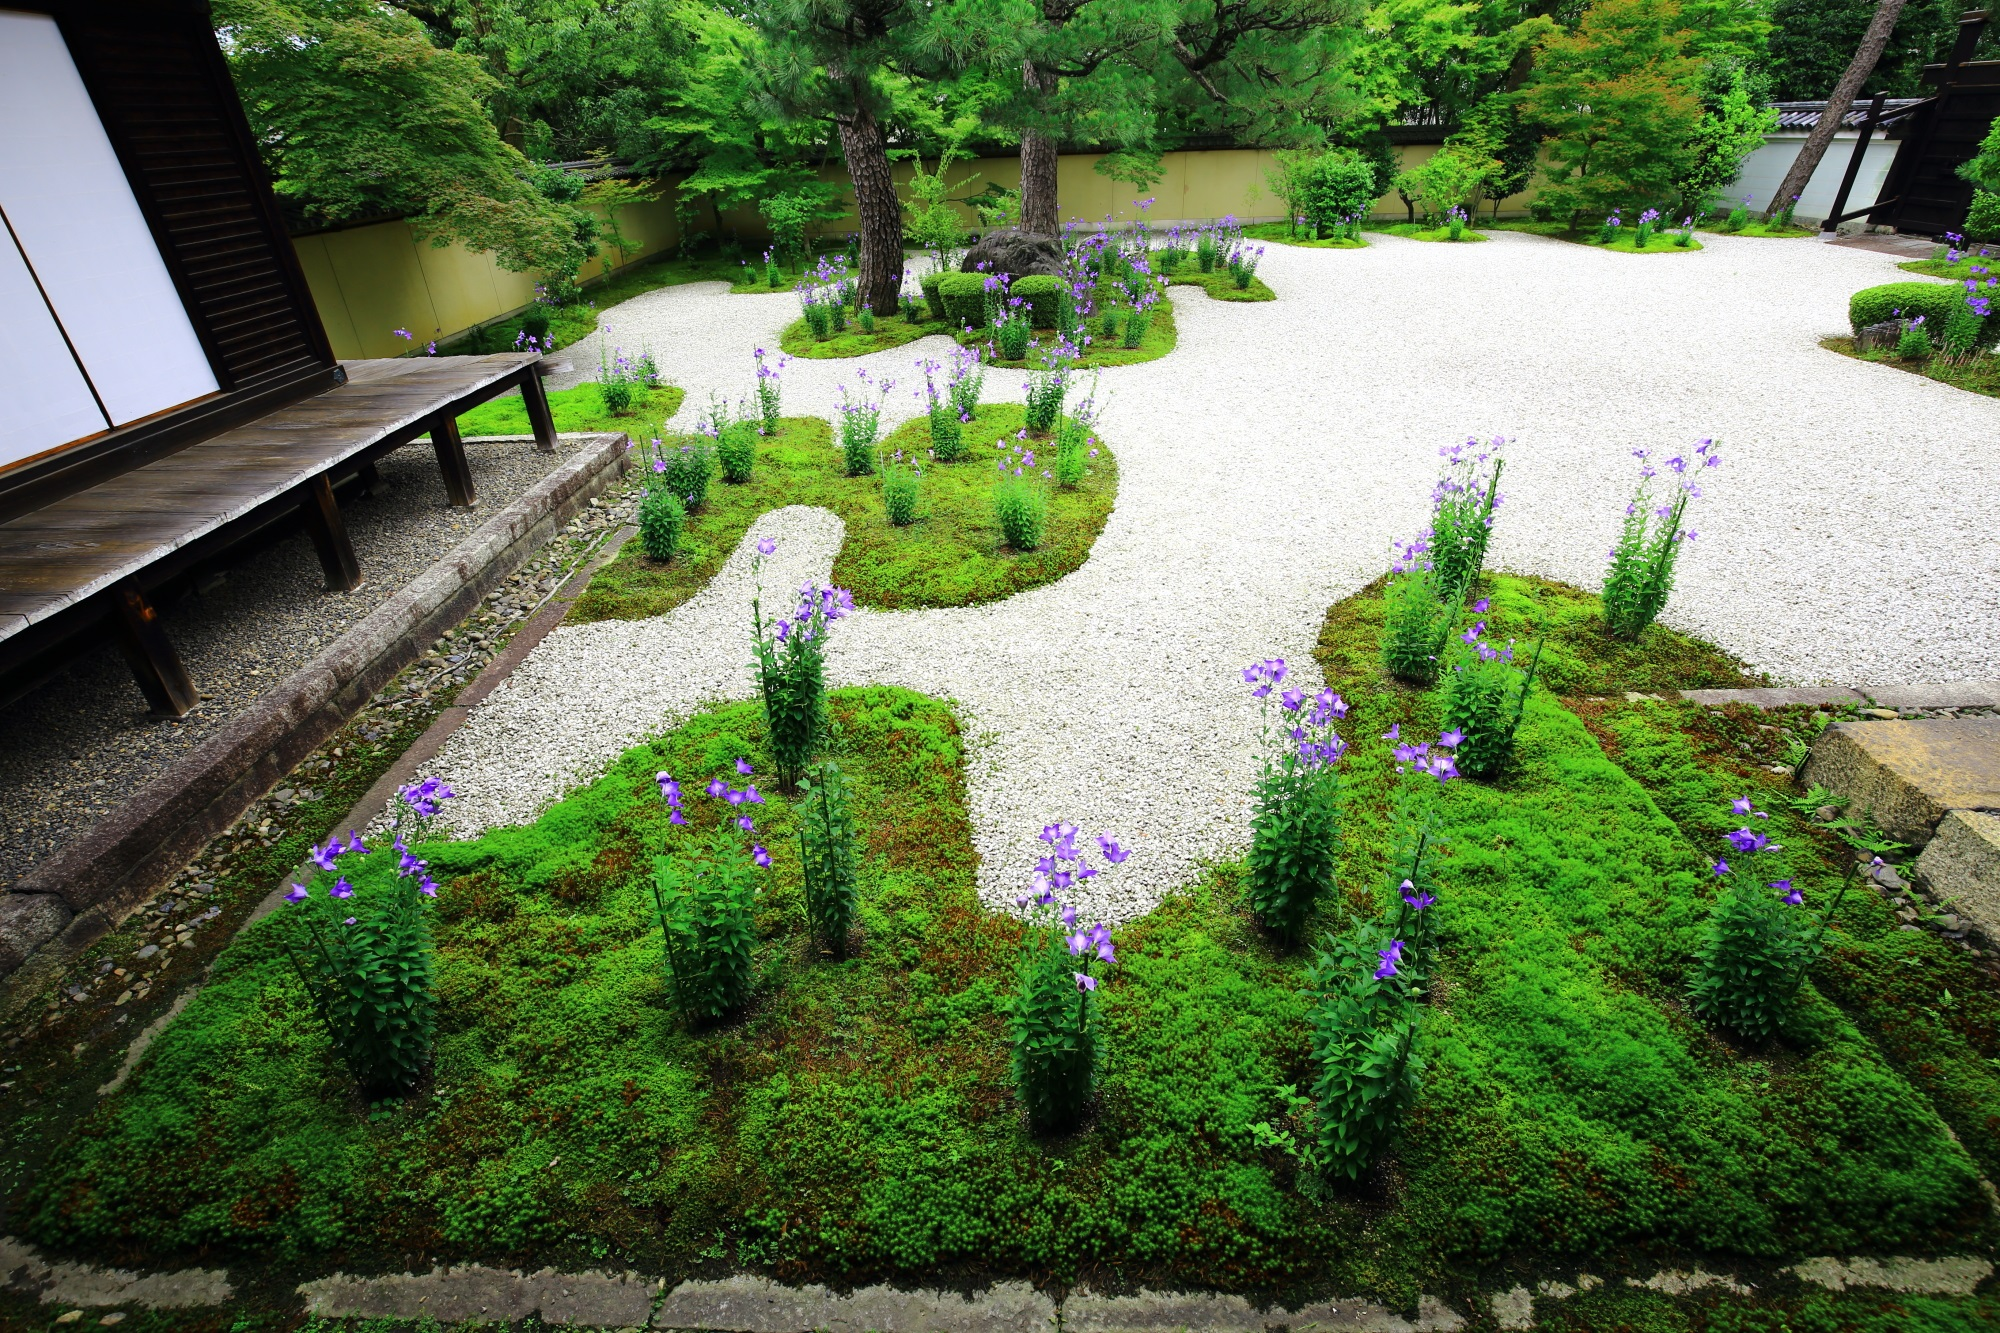 桔梗の花とともに美しい絶品の鮮やかな緑の苔